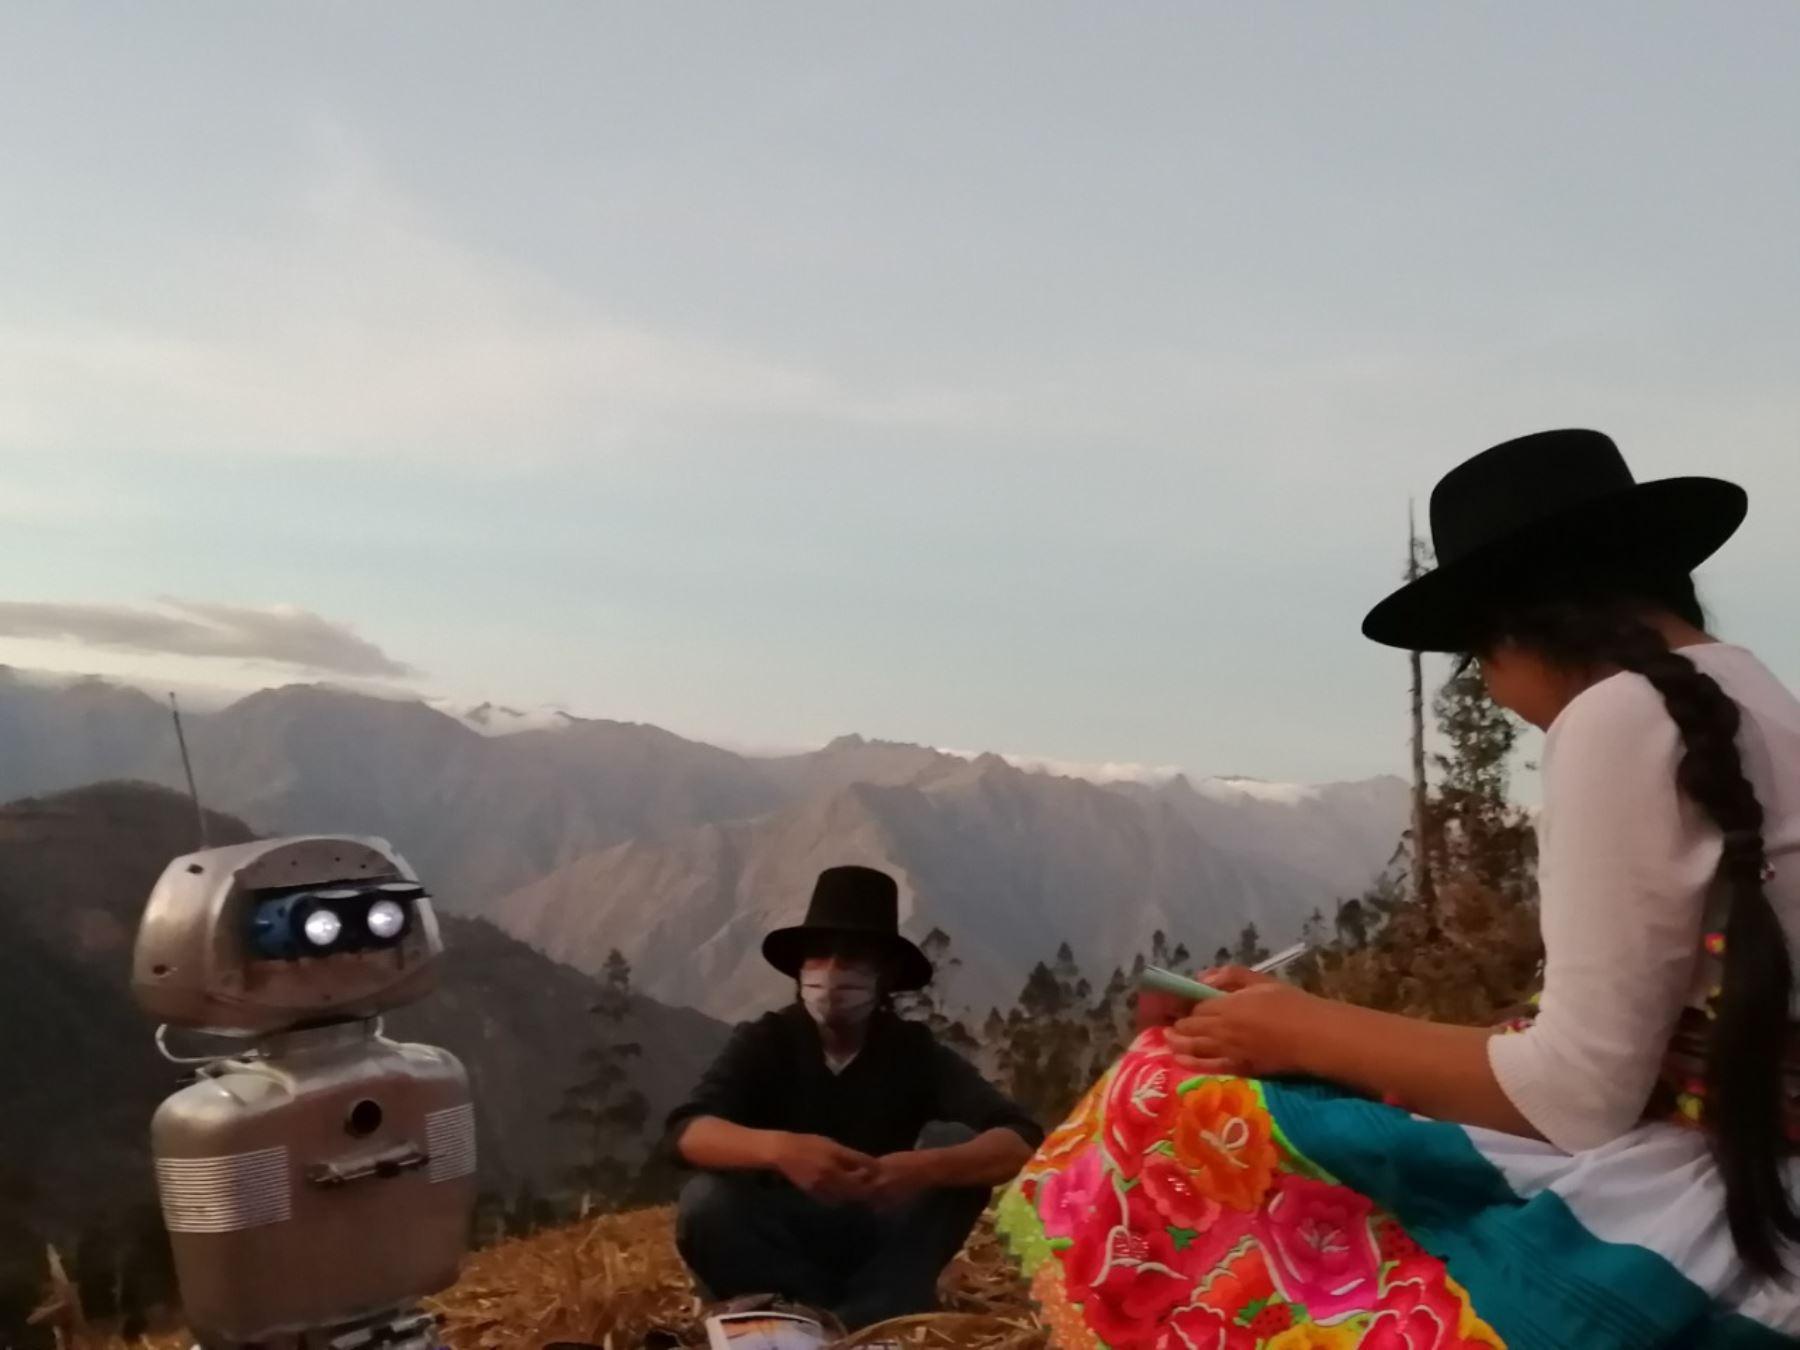 Walter Velásquez Godoy es un ingenioso docente de ciencias y tecnología que construyó un robot para enseñar a sus alumnos que viven en comunidades alejadas del distrito de Colcabamba, región Huancavelica, en el ámbito del Vraem. ANDINA/Difusión